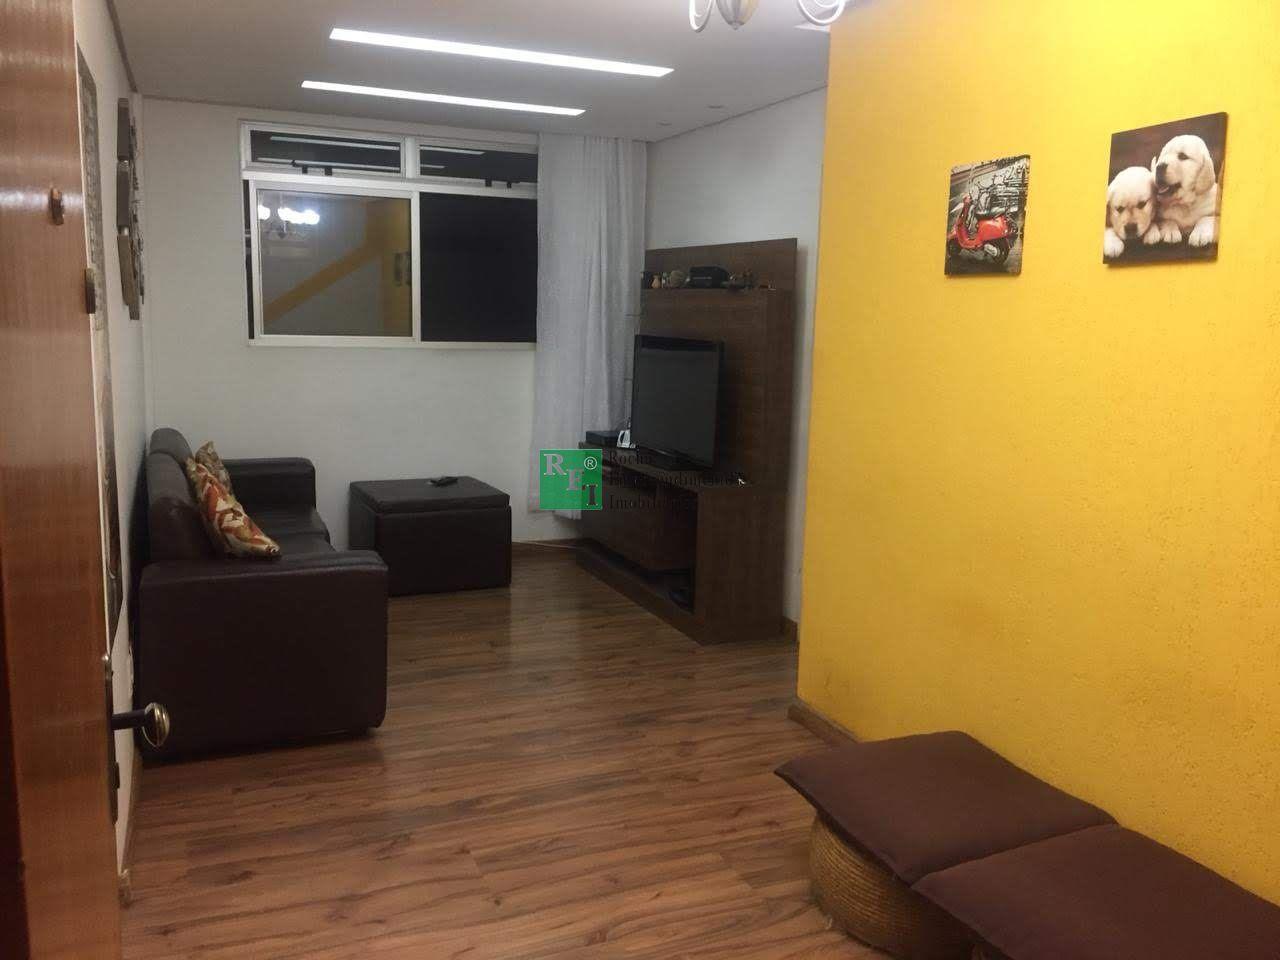 Apartamento - São João Batista (Venda Nova) - Belo Horizonte - R$  199.000,00